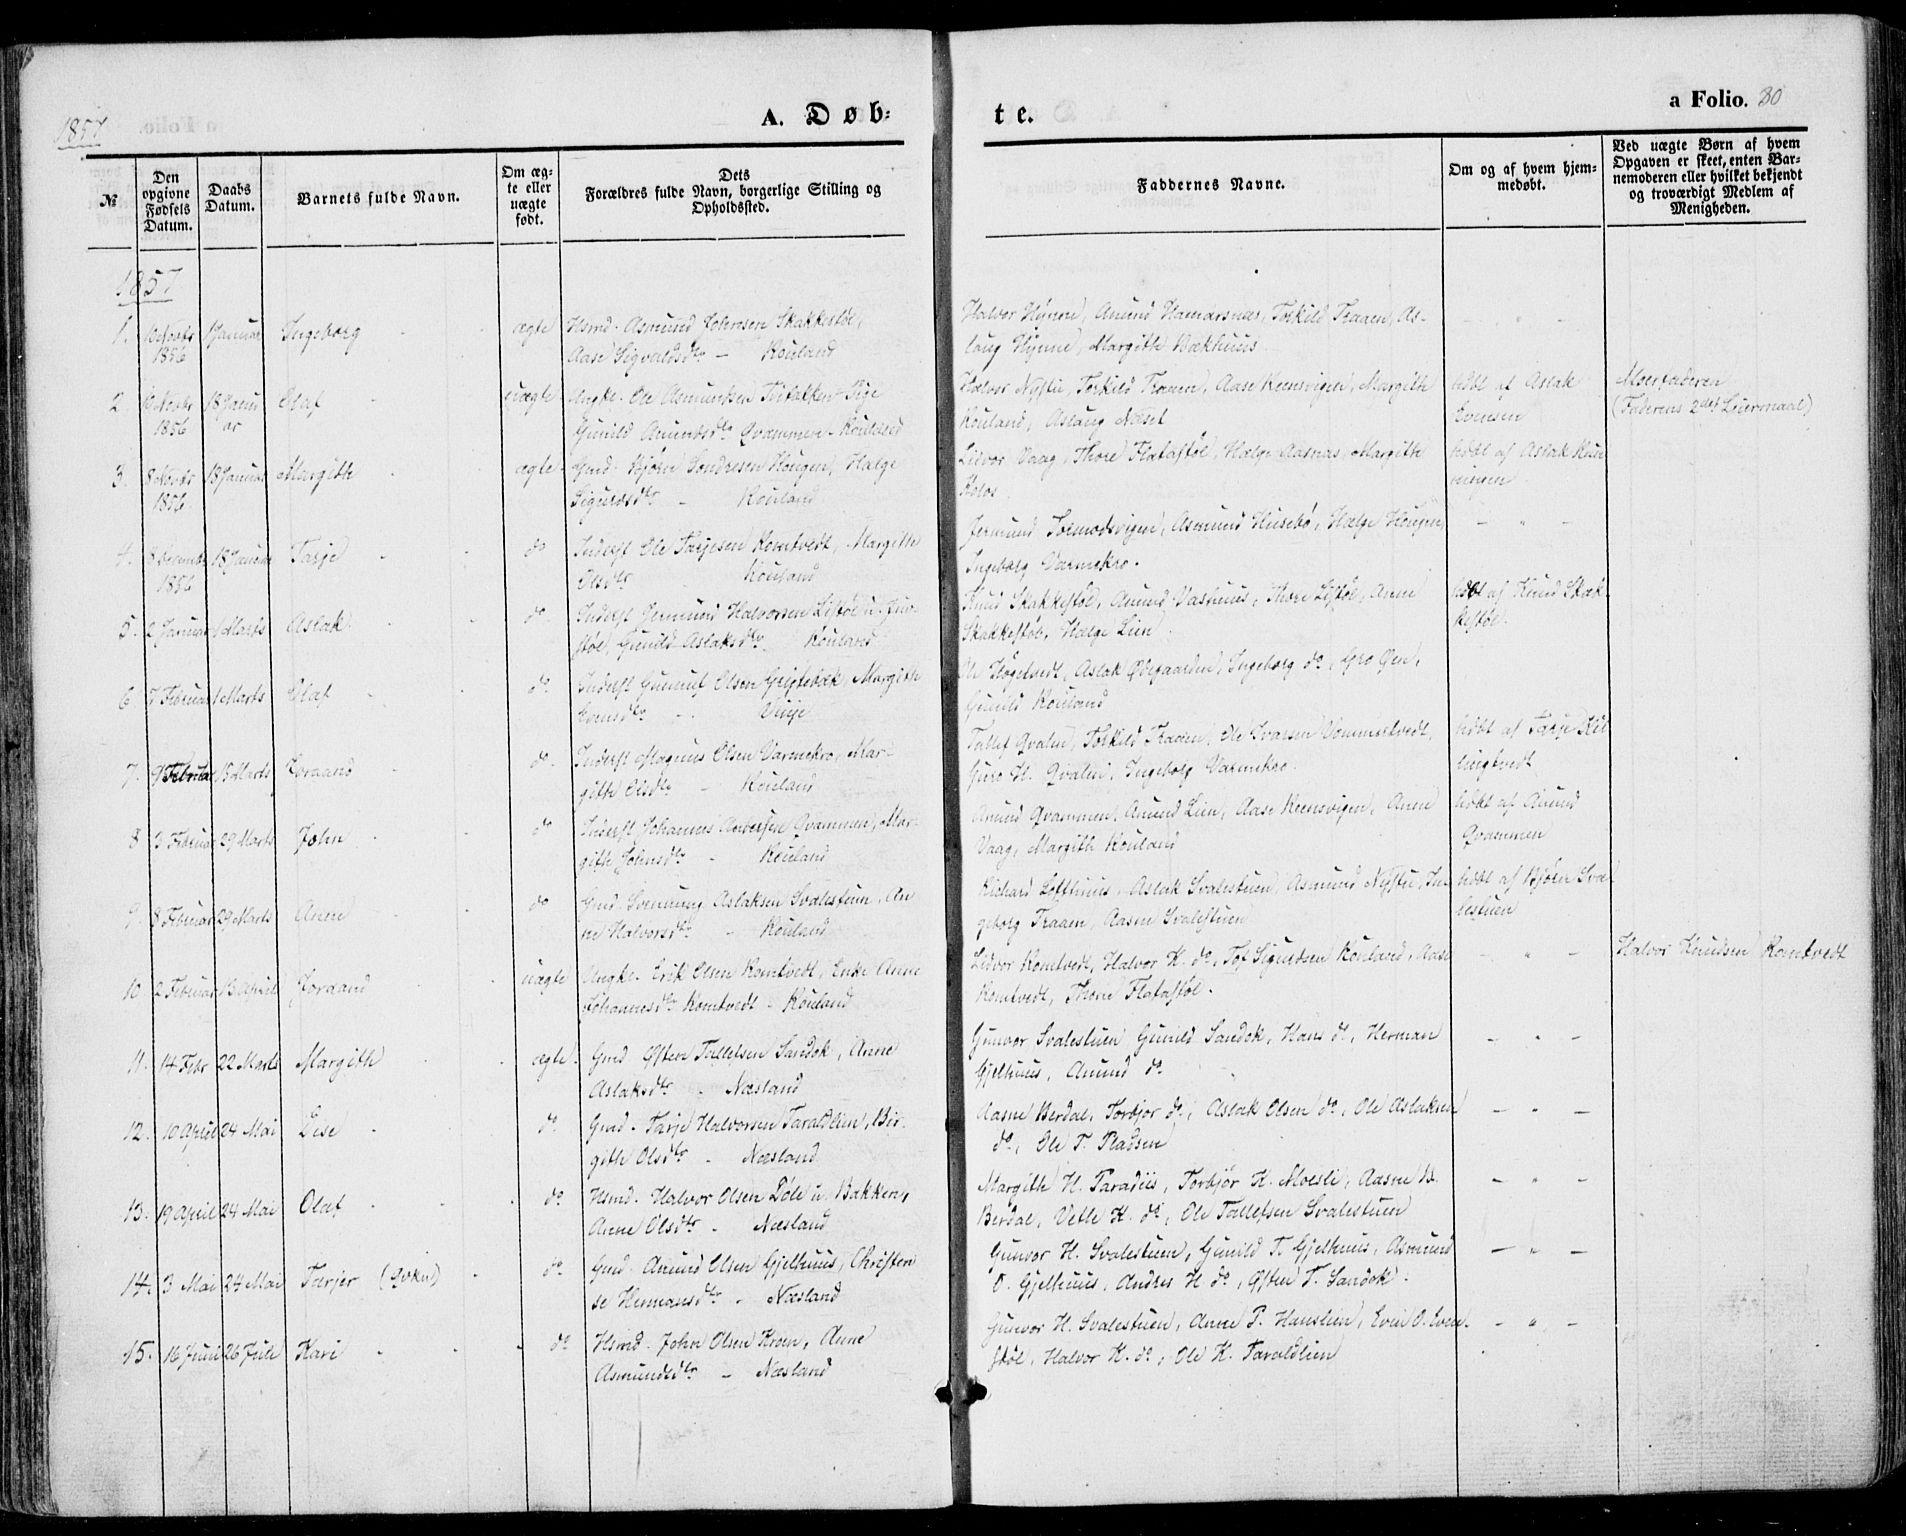 SAKO, Vinje kirkebøker, F/Fa/L0004: Ministerialbok nr. I 4, 1843-1869, s. 80